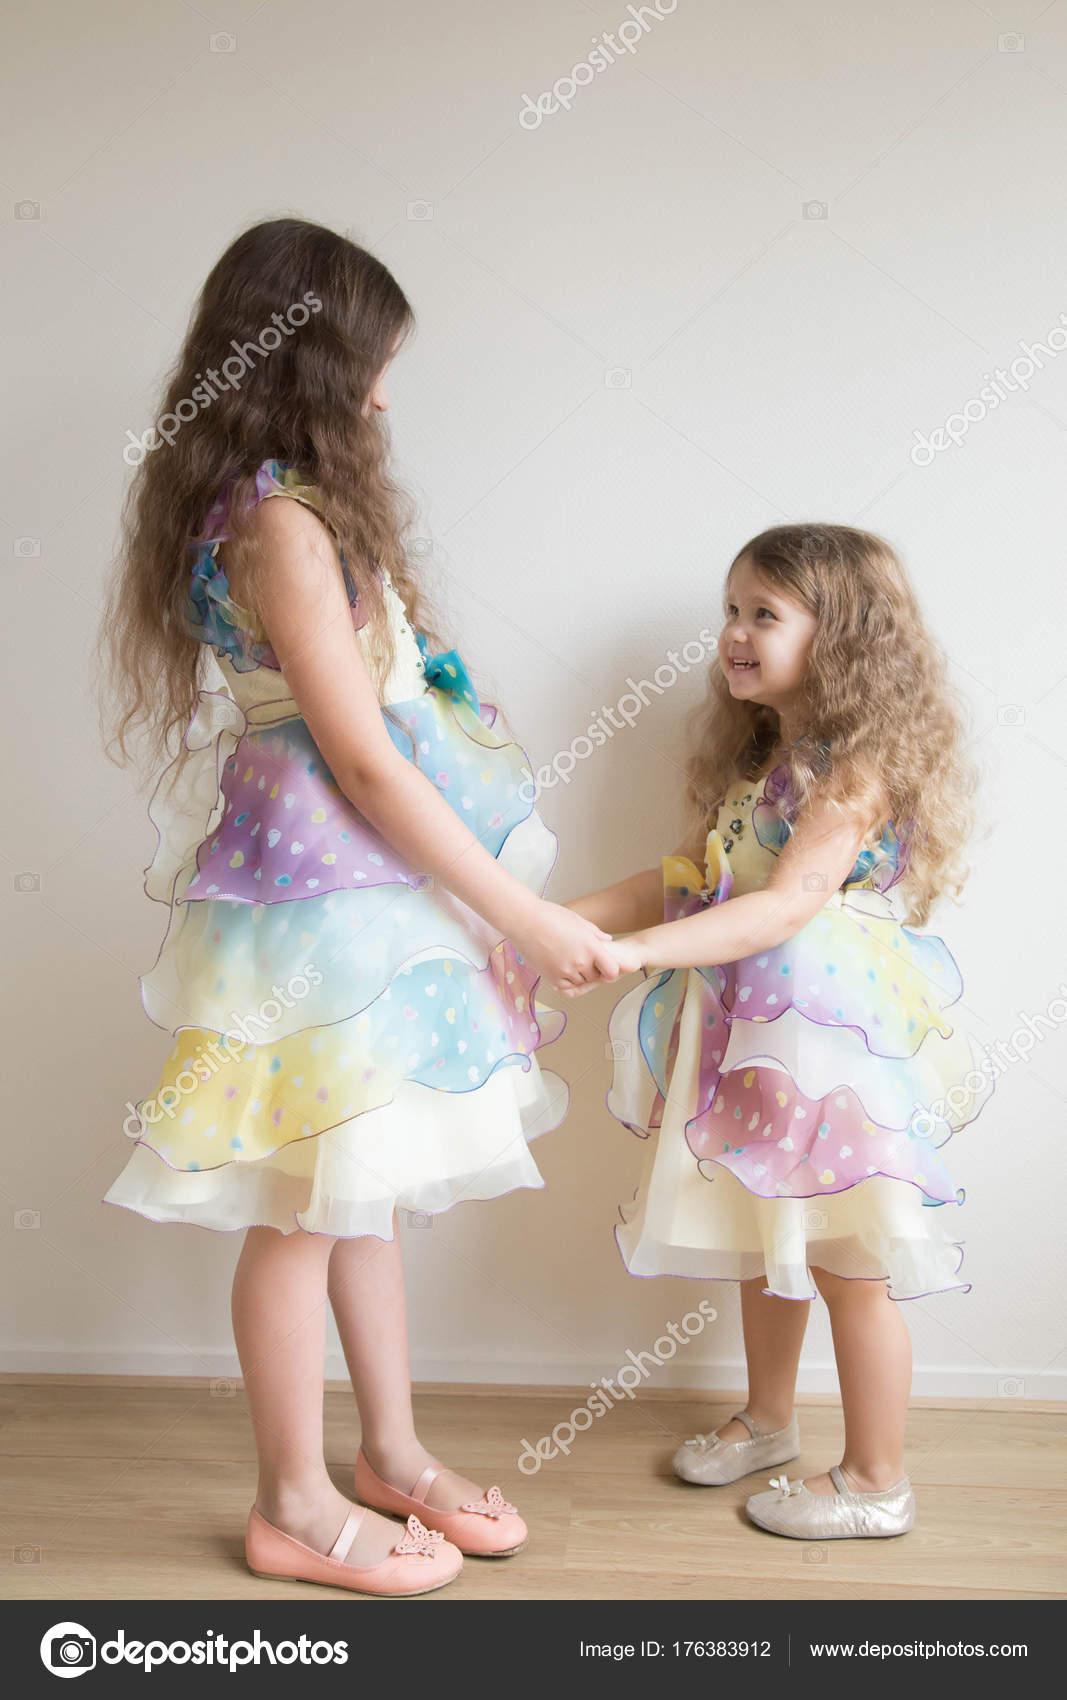 szemölcsök a kezeken szétterjedtek pinworms gyermekek képei